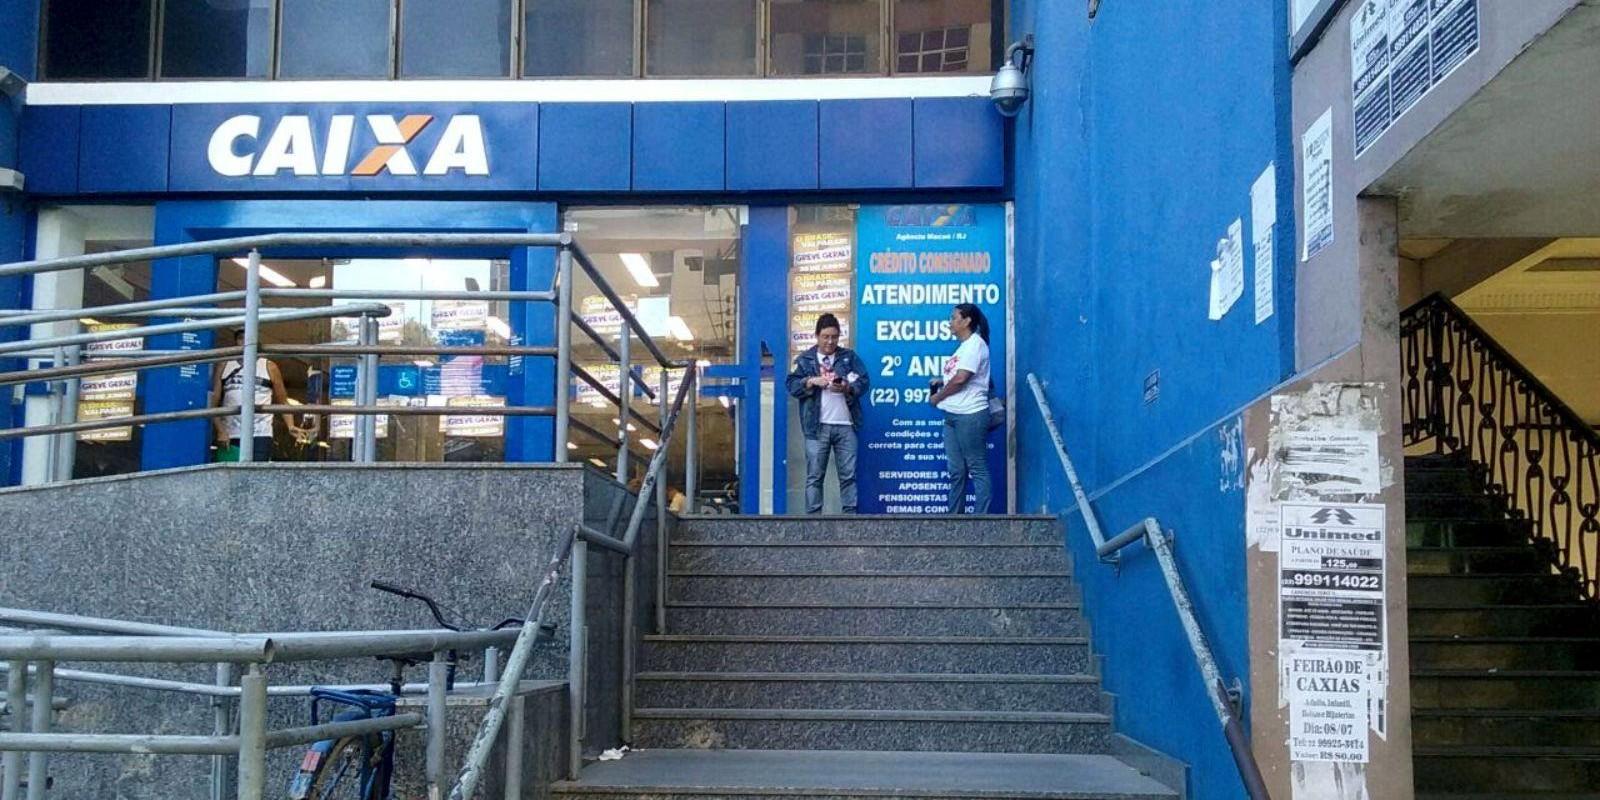 Caixa abre novo Programa de Desligamento de Empregado